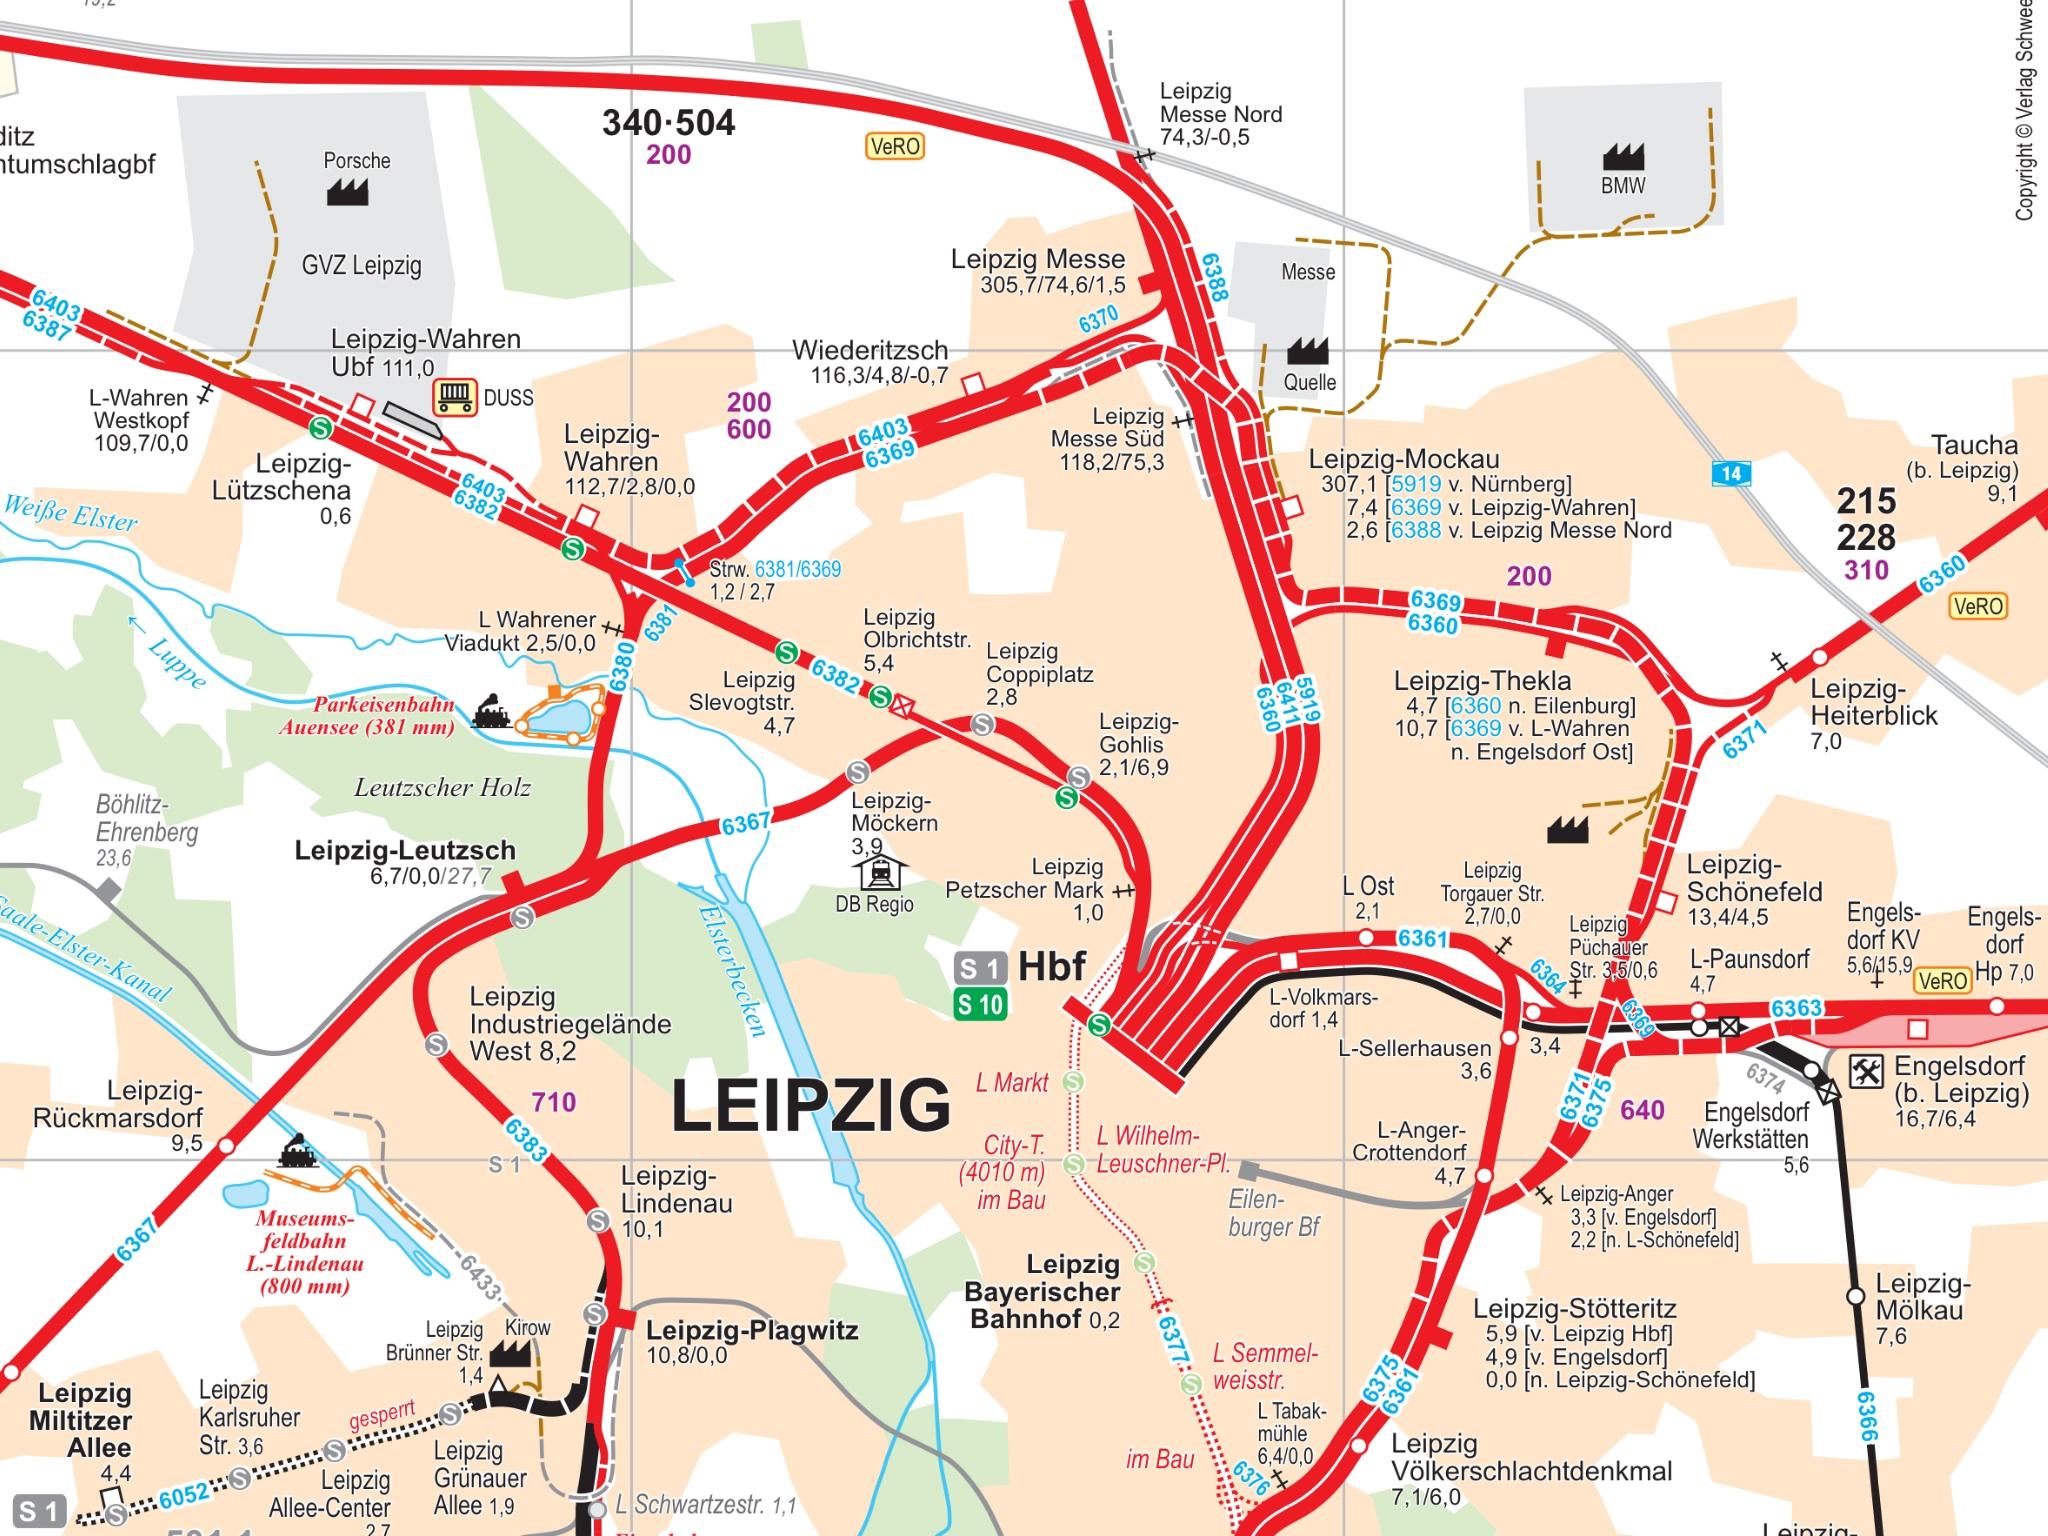 Eisenbahnatlas deutschland 2011 pdf online